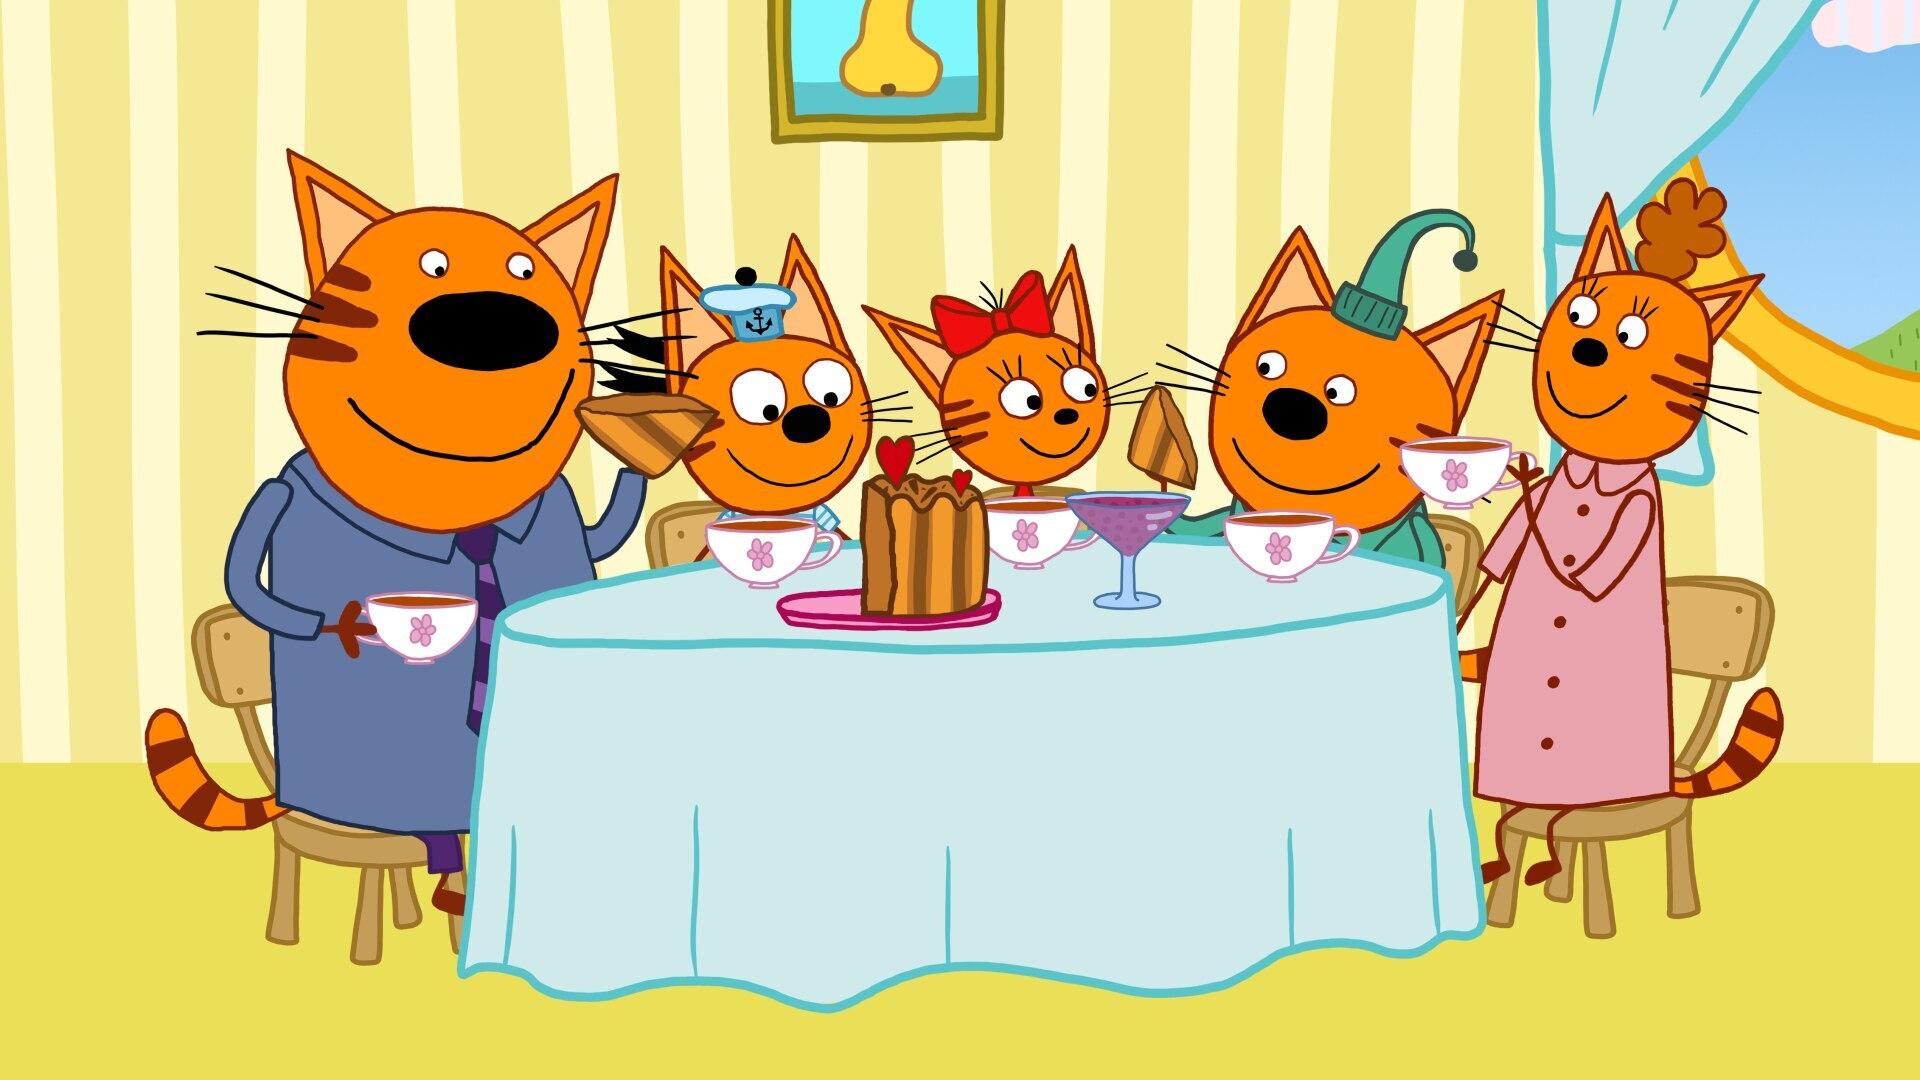 Kittens In A Jam